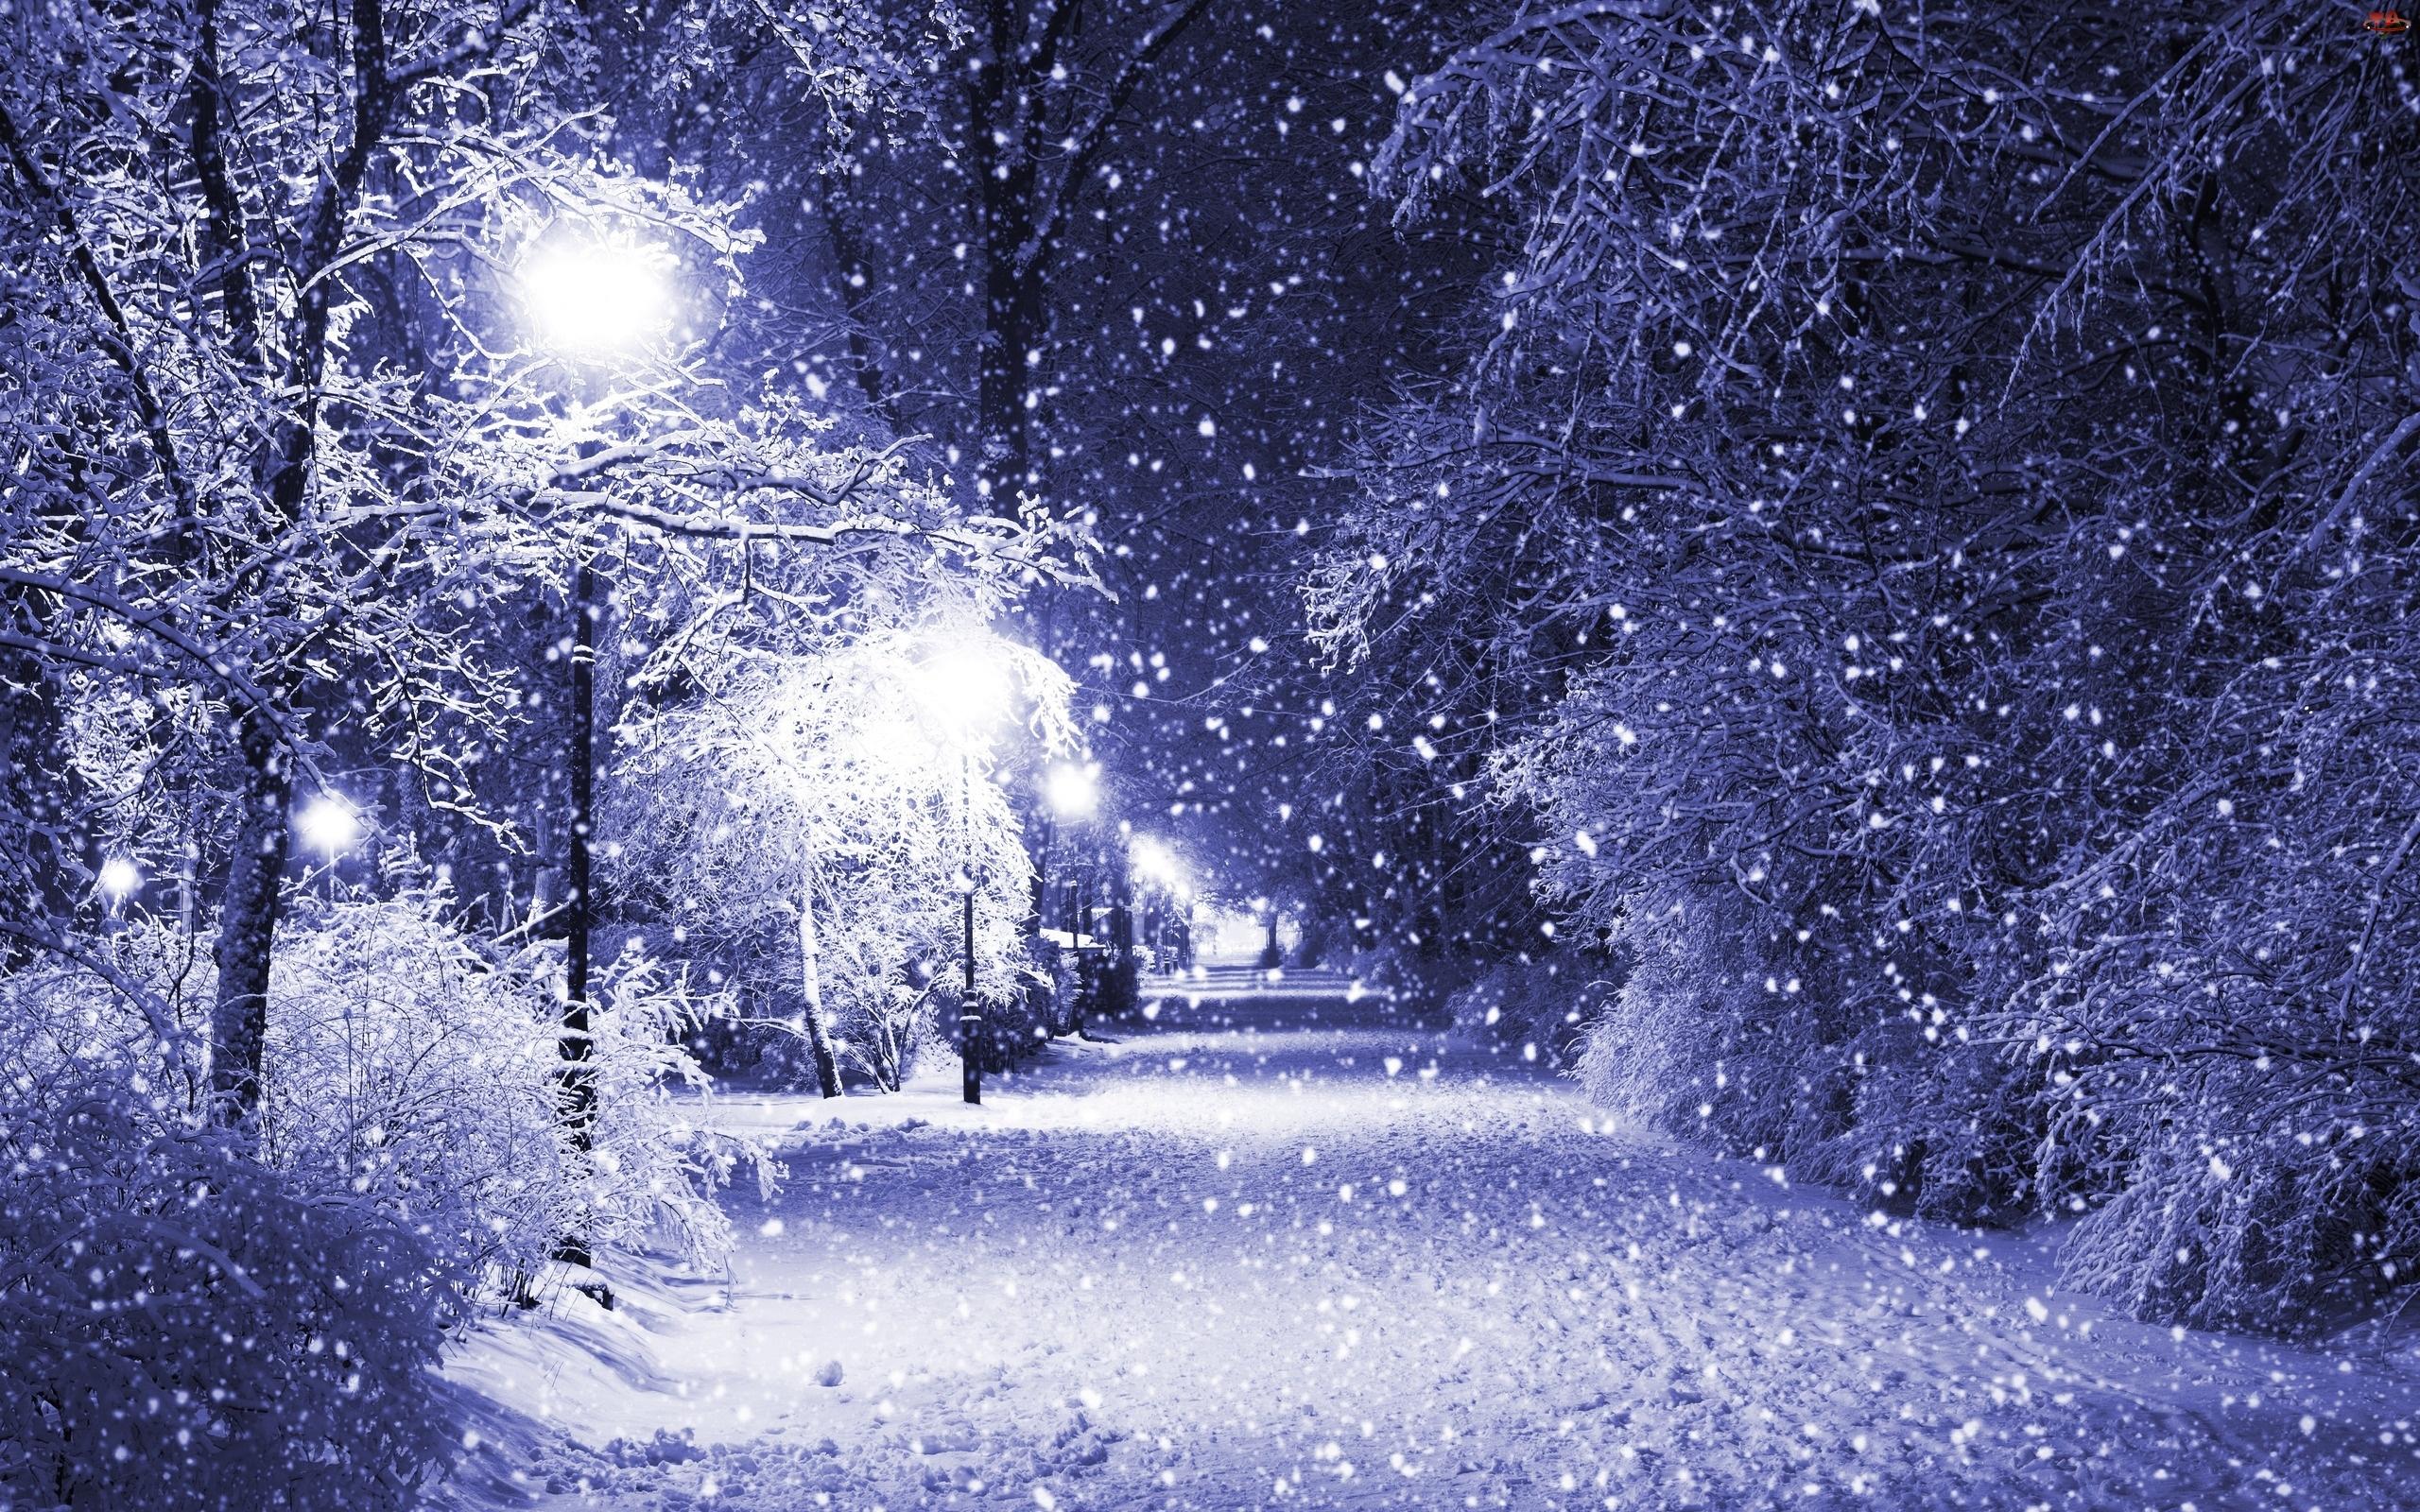 Zima, Śnieg, Noc, Padający